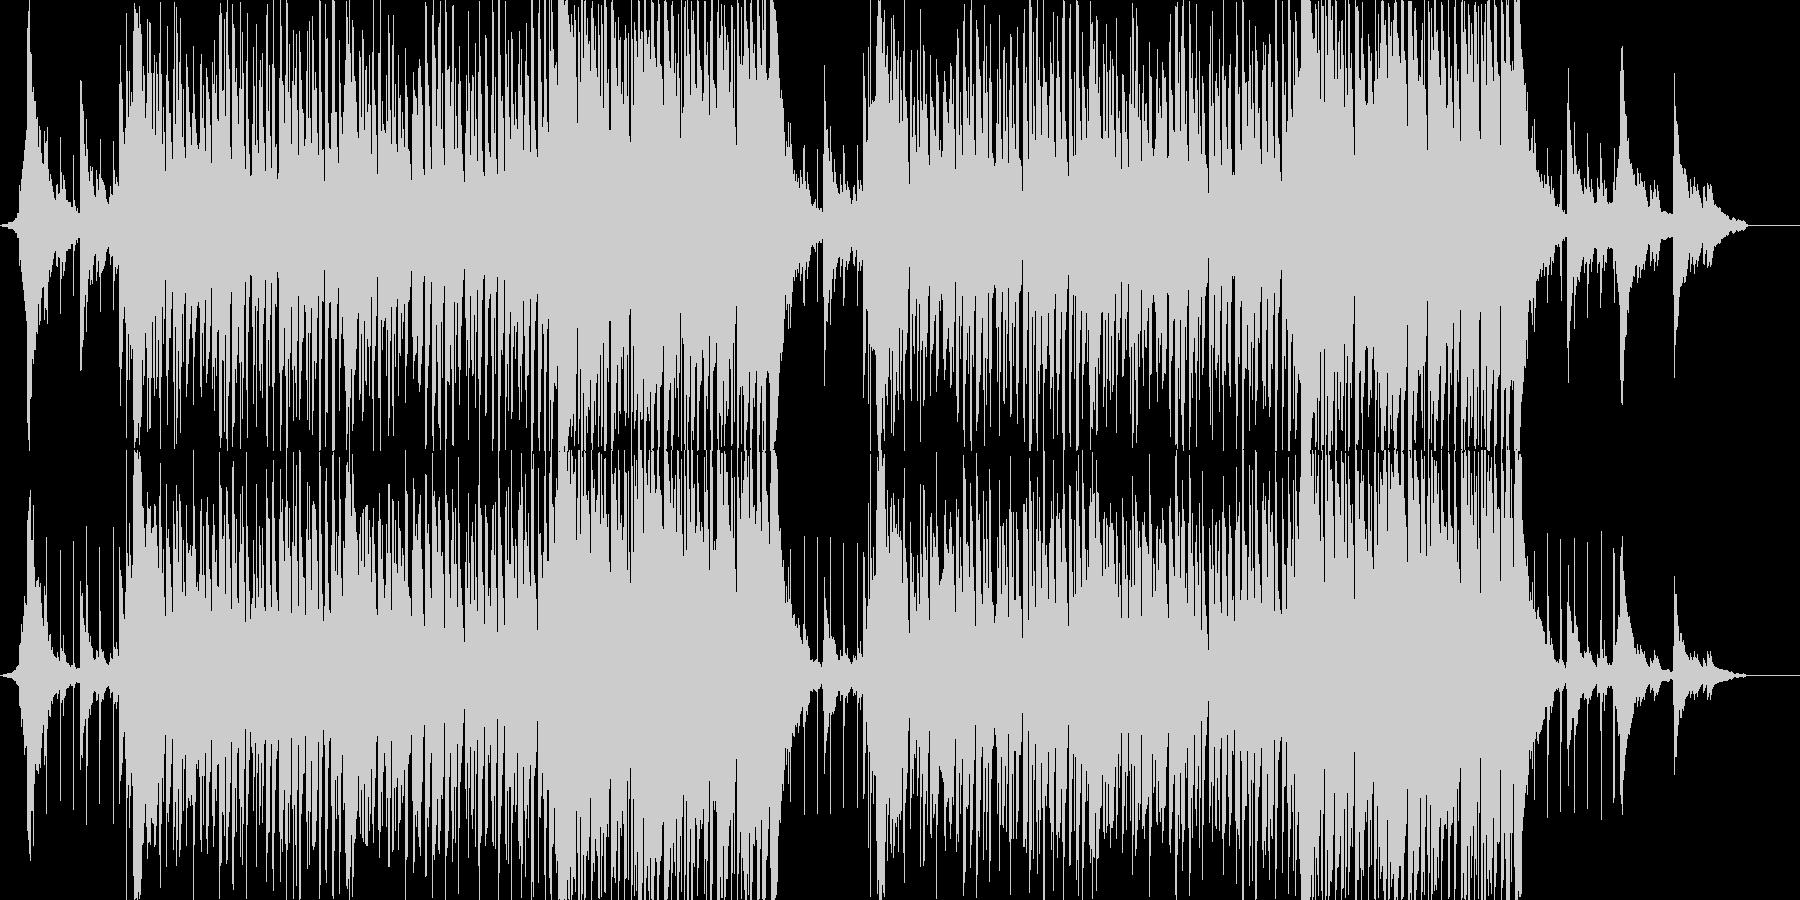 少し壮大さもあるほのぼのしたポップスの未再生の波形